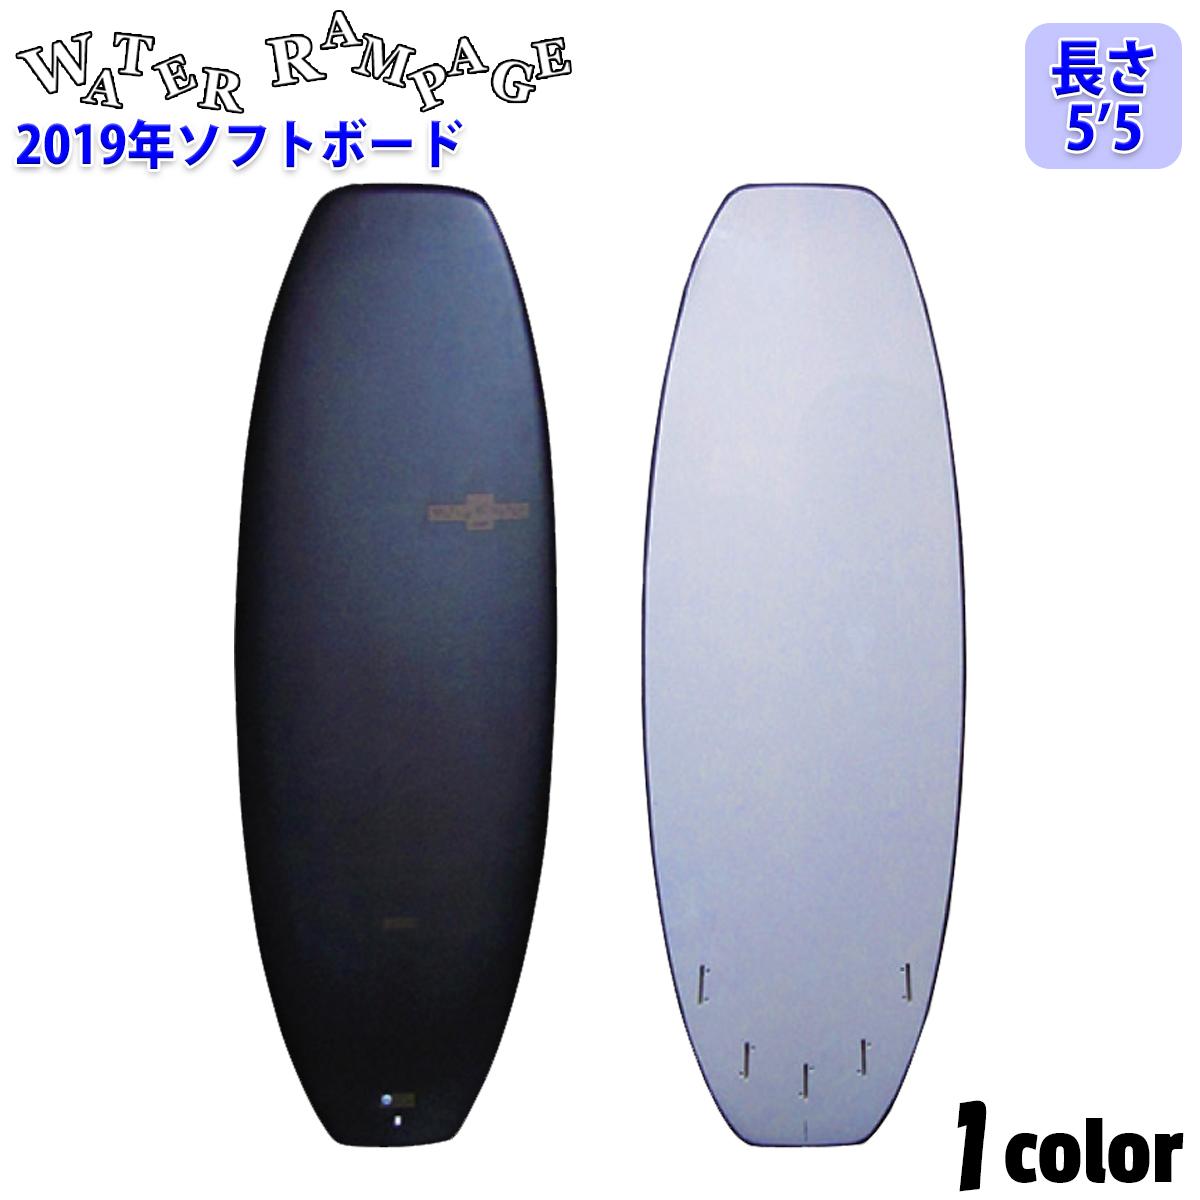 WATER RAMPAGE ウォーターランページ SWITCH スイッチ ソフトボトム サーフボード 2019年モデル 5'5/165.8cm*54.6cm*6.9cm 品番 MSF-55SW 日本正規品